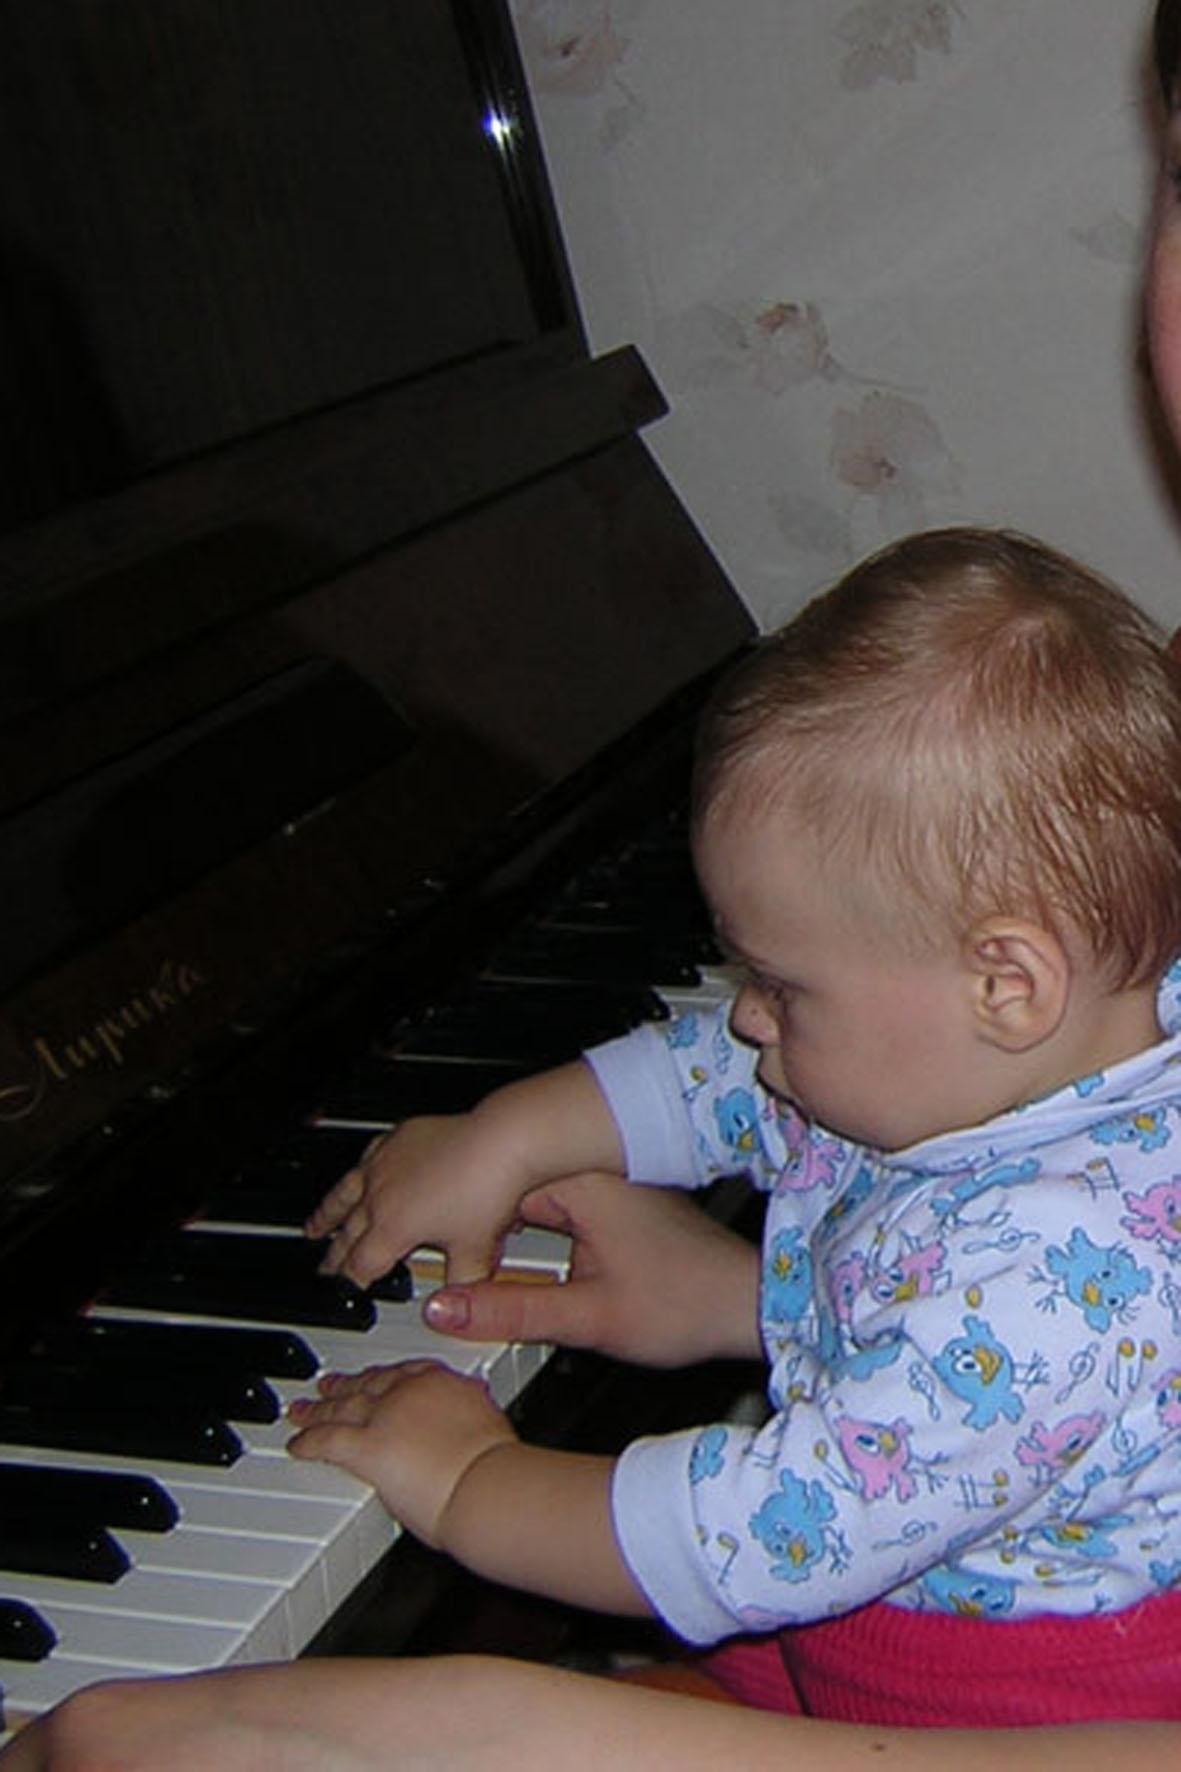 юный Моцарт. Дети и музыка